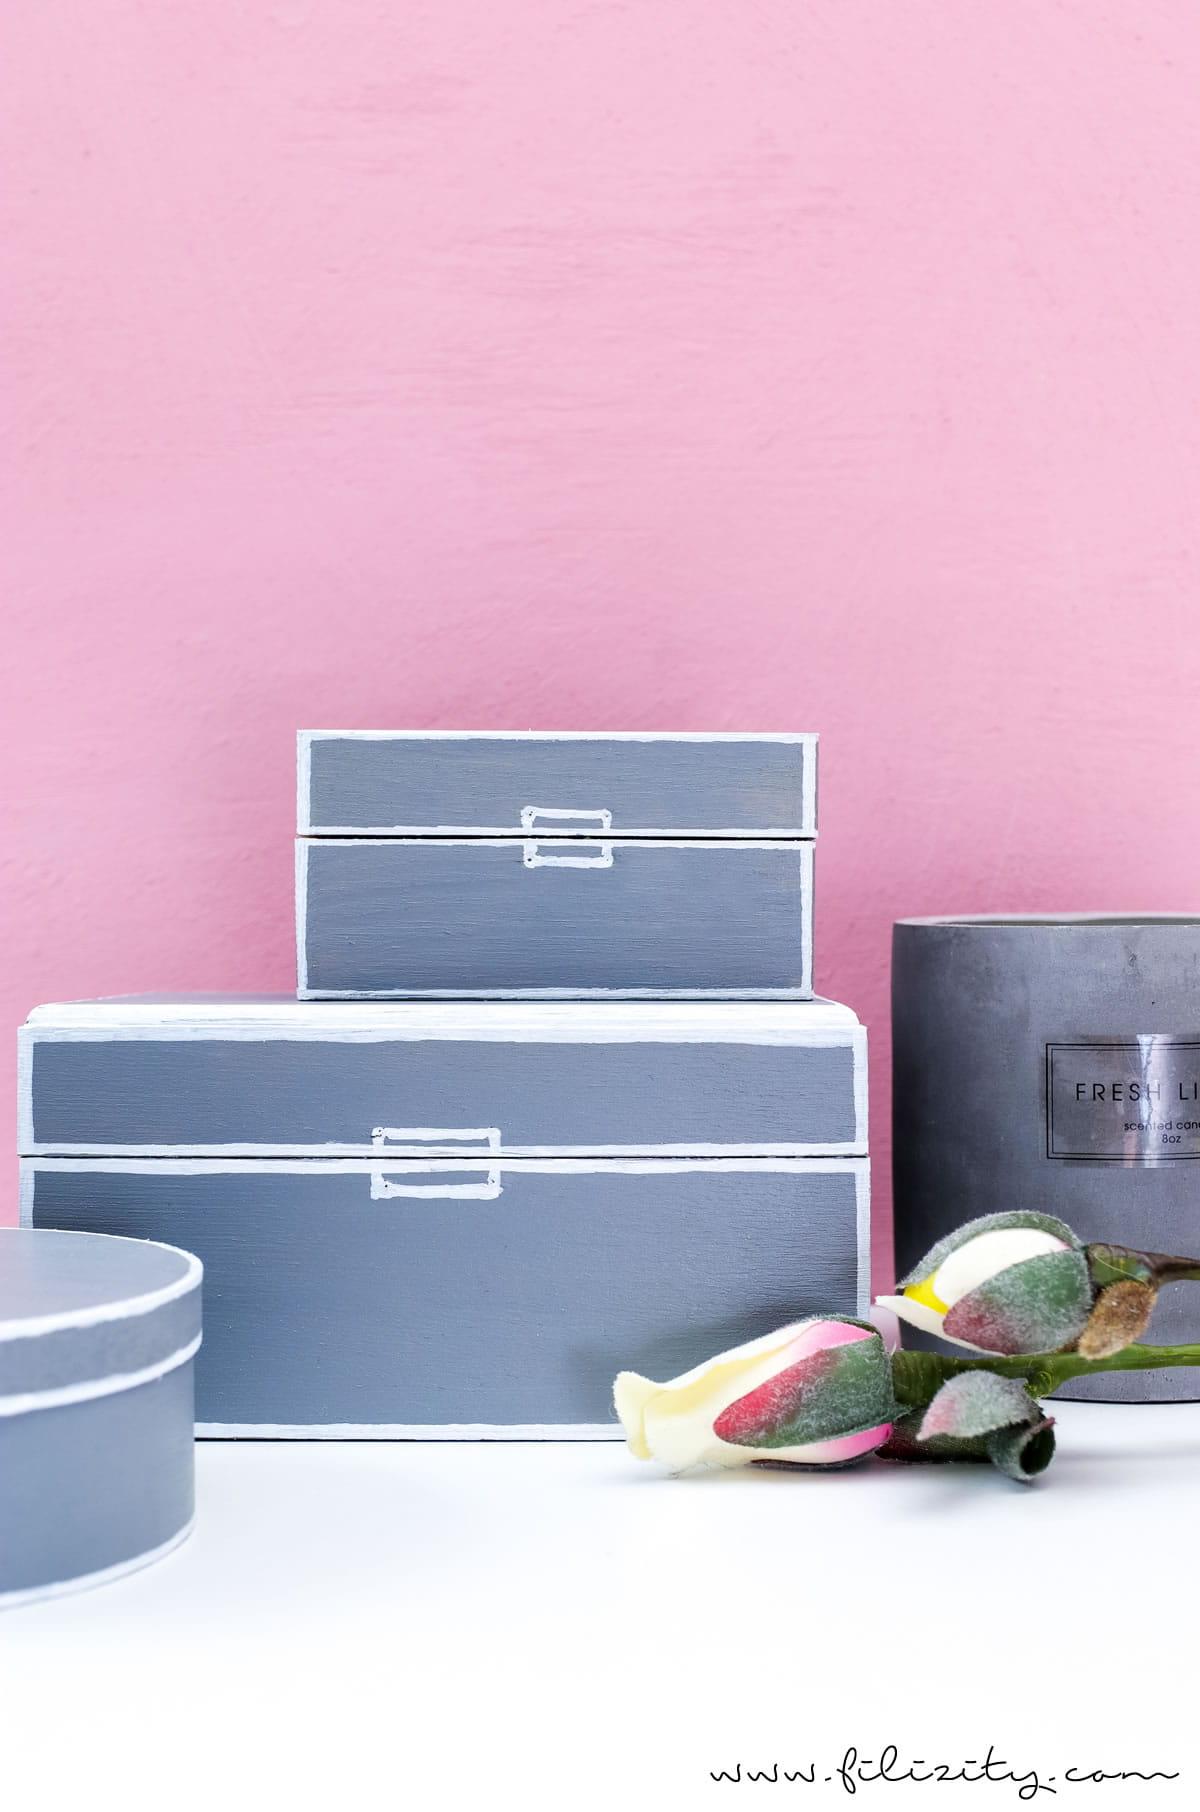 Moderne Deko selber machen: DIY Aufbewahrungsboxen aus Holzschachteln basteln   DIY Skandi-Deko   Filizity.com   Interior- & DIY-Blog aus dem Rheinland